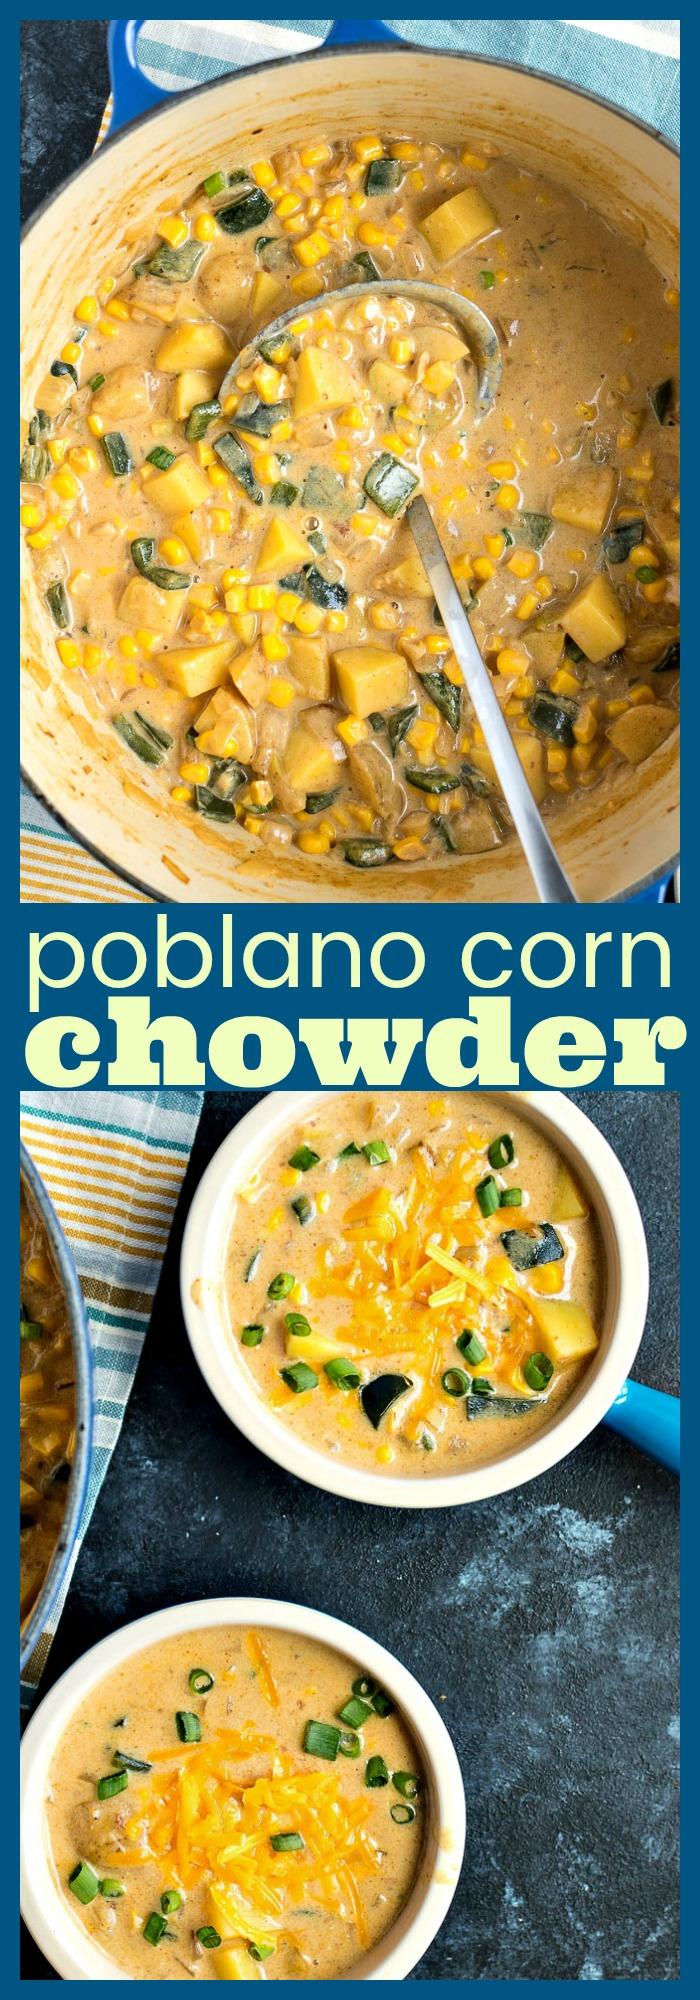 Poblano Corn Chowder photo collage